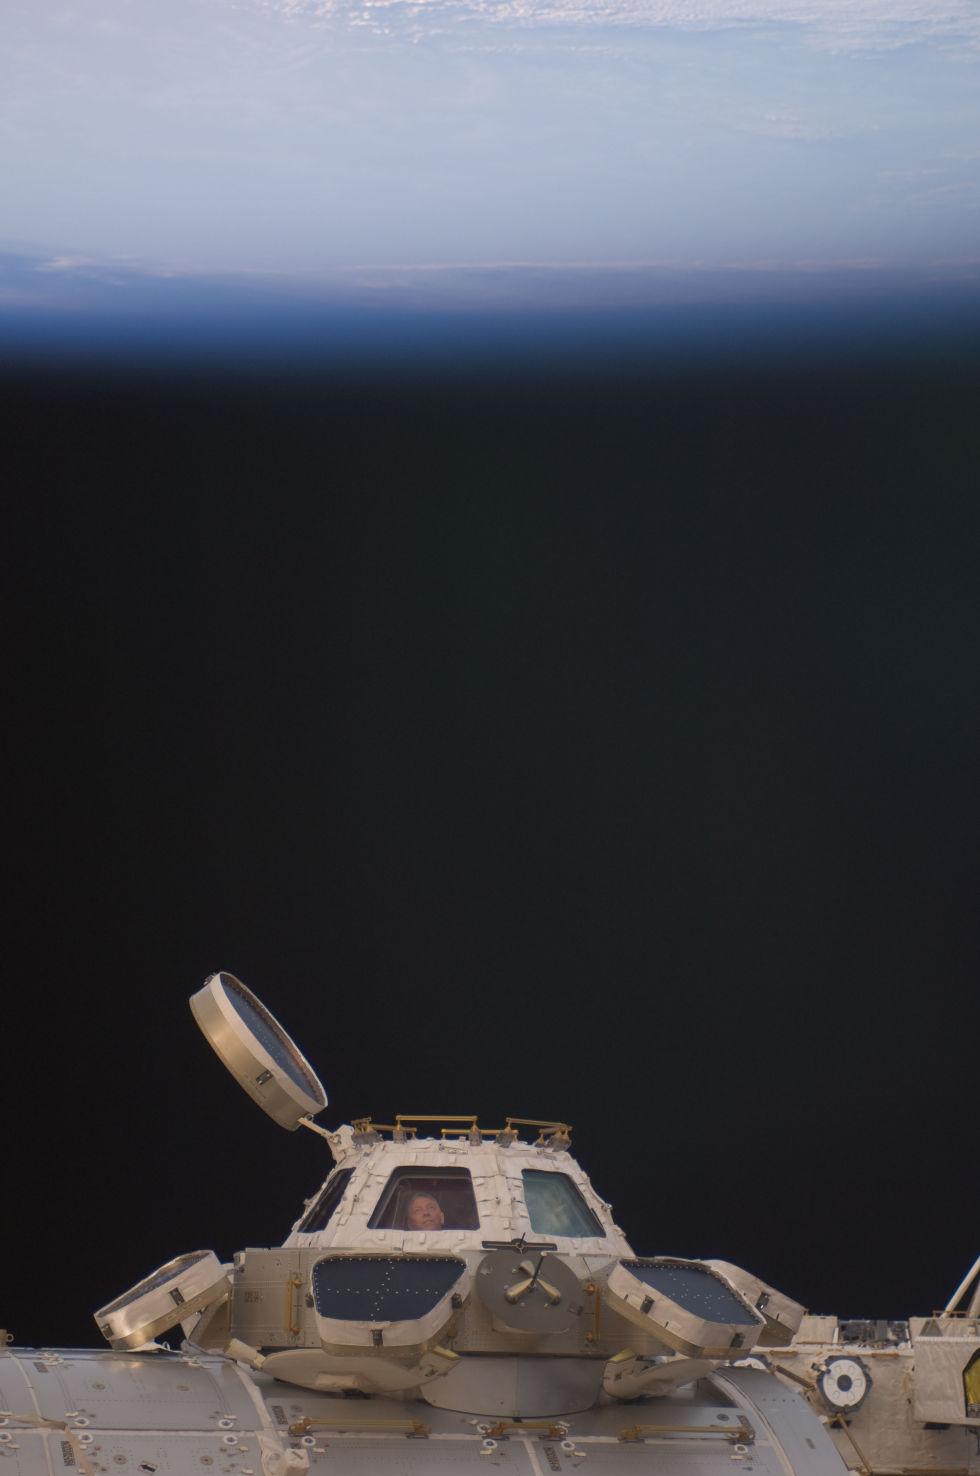 Последний полет шаттла глазами астронавта МКС - 5